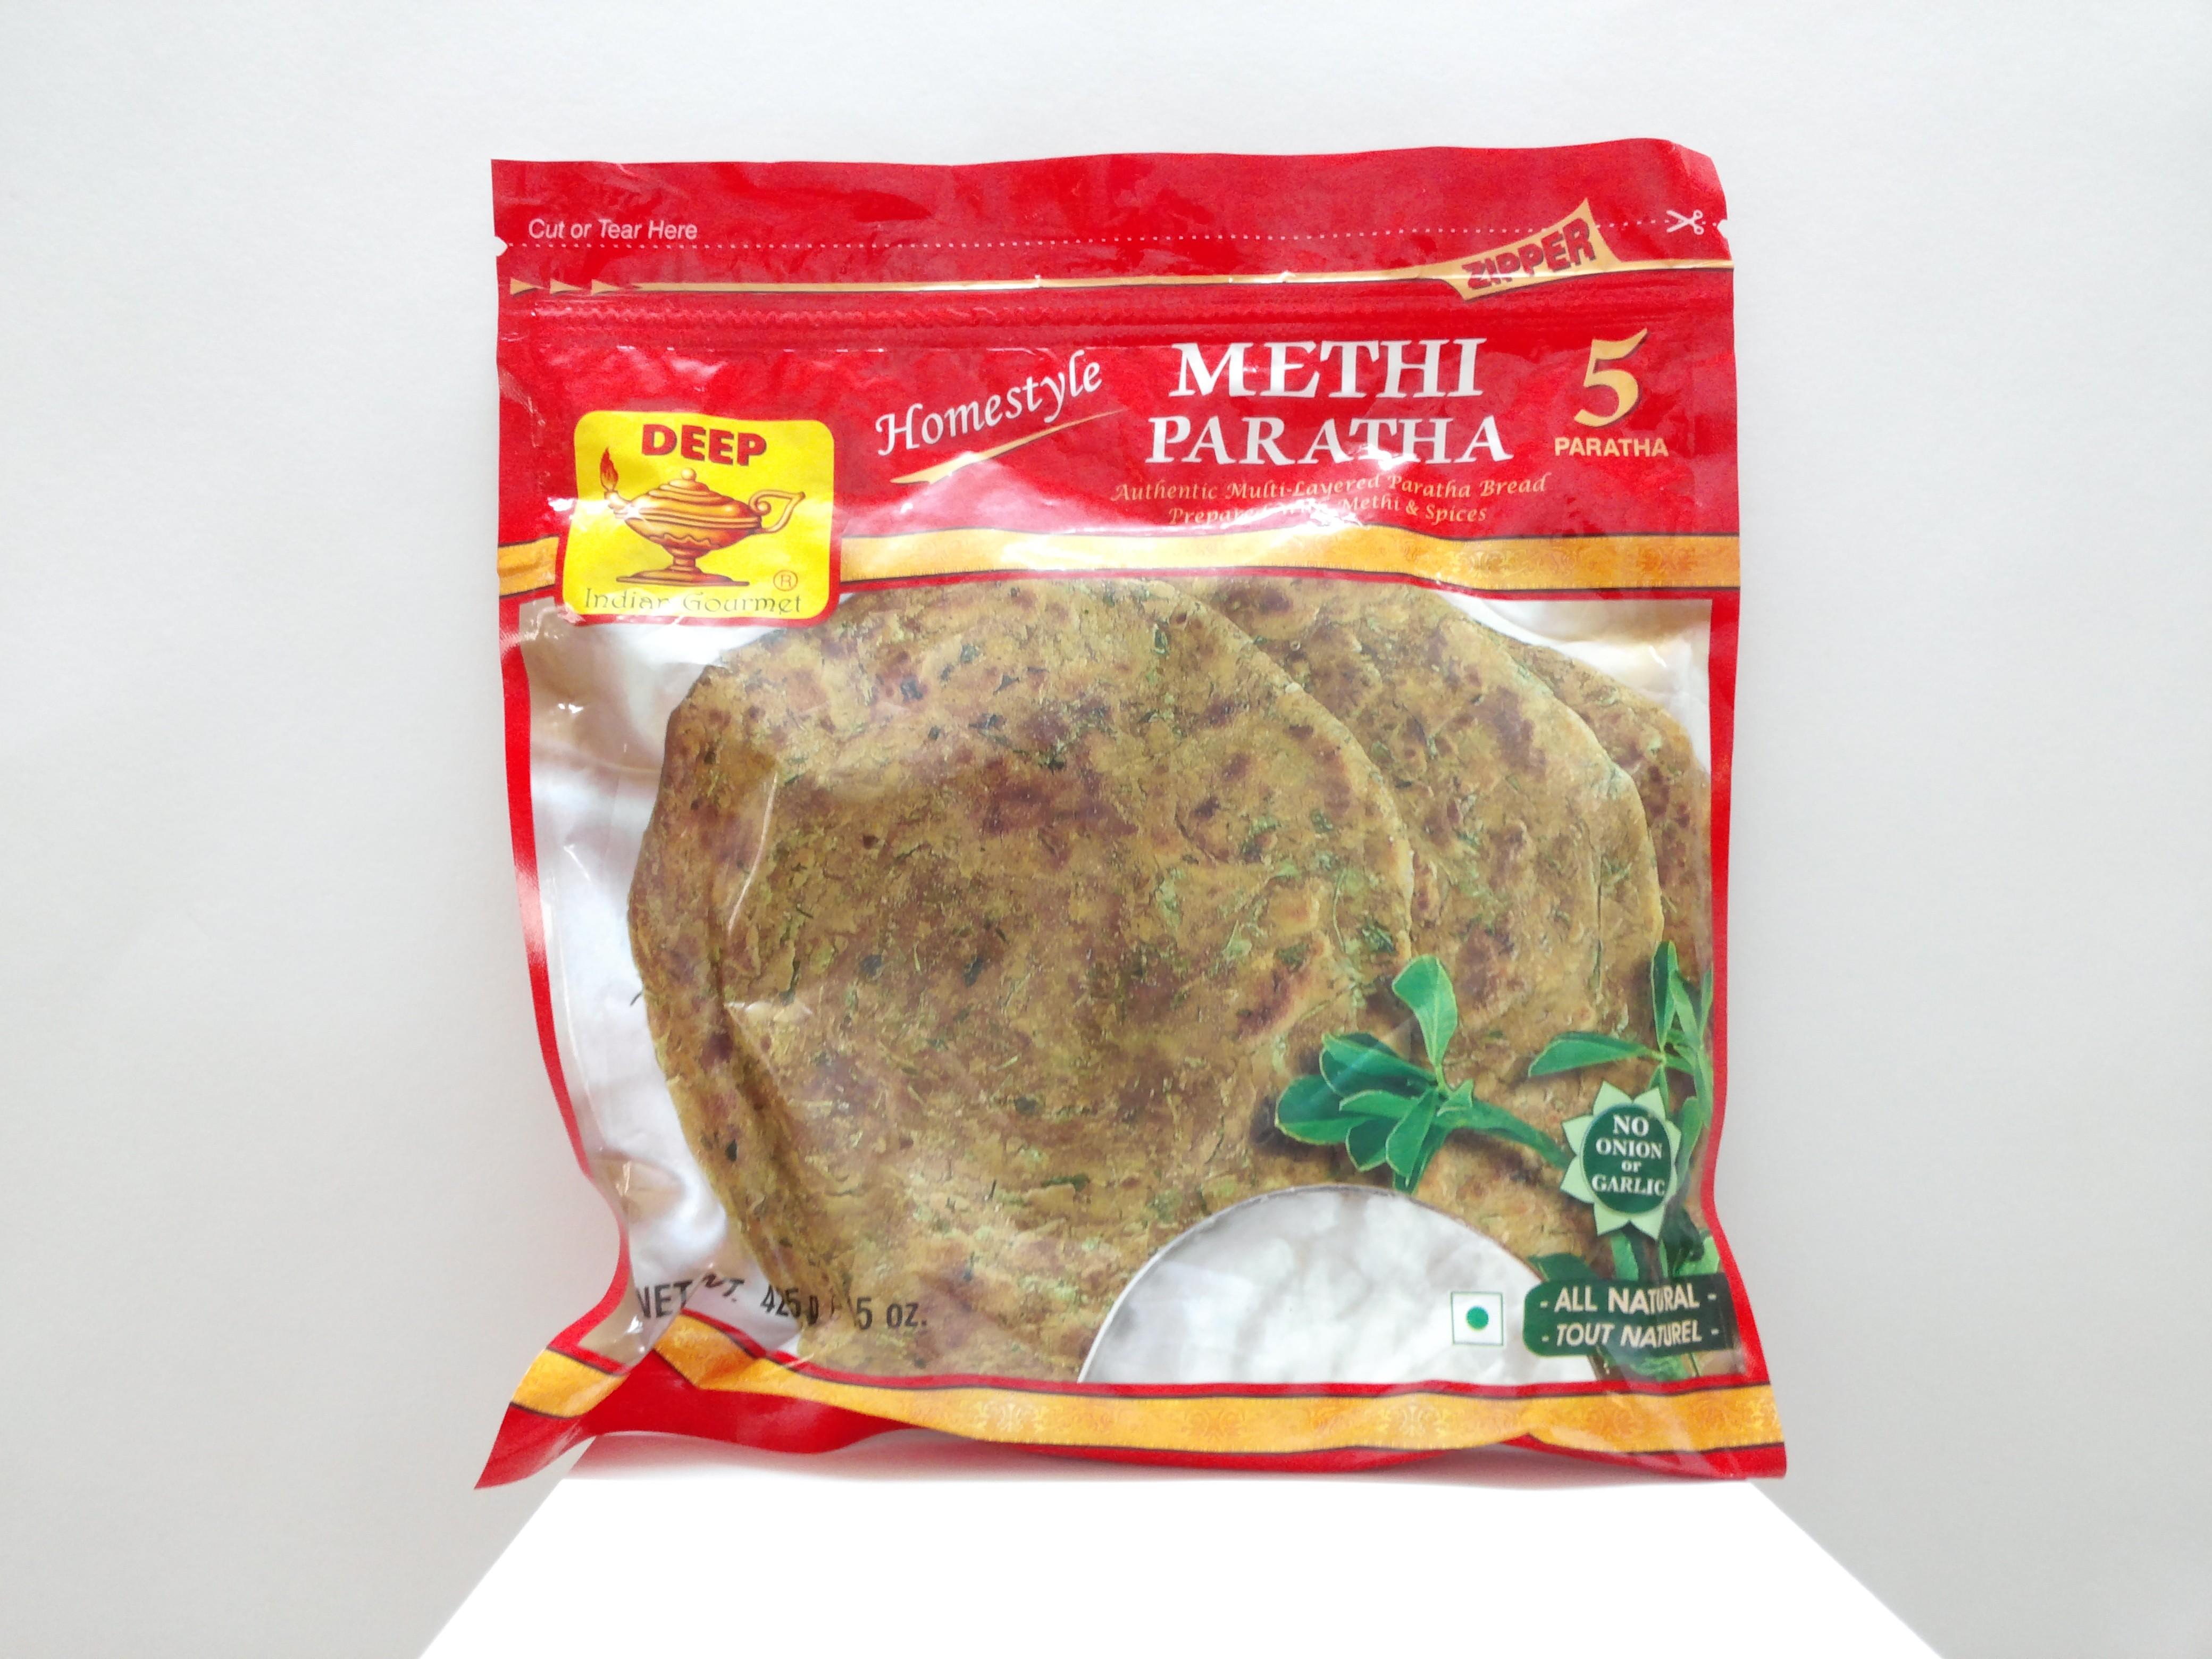 Deep Methi Paratha 5 pcs 15 oz